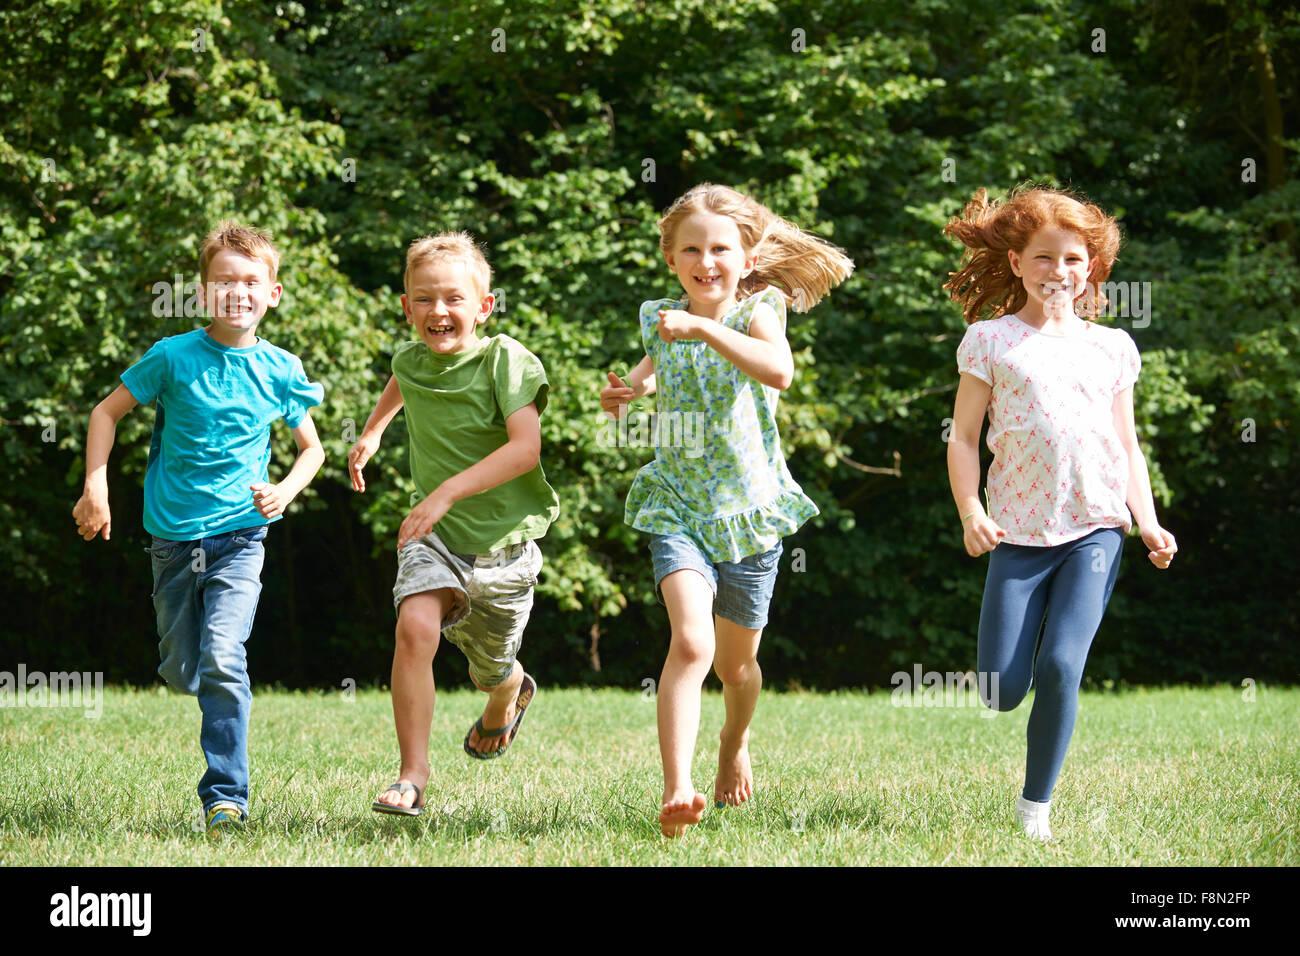 Groupe D'enfants Qui Courent Vers La Caméra En Jeu Pour